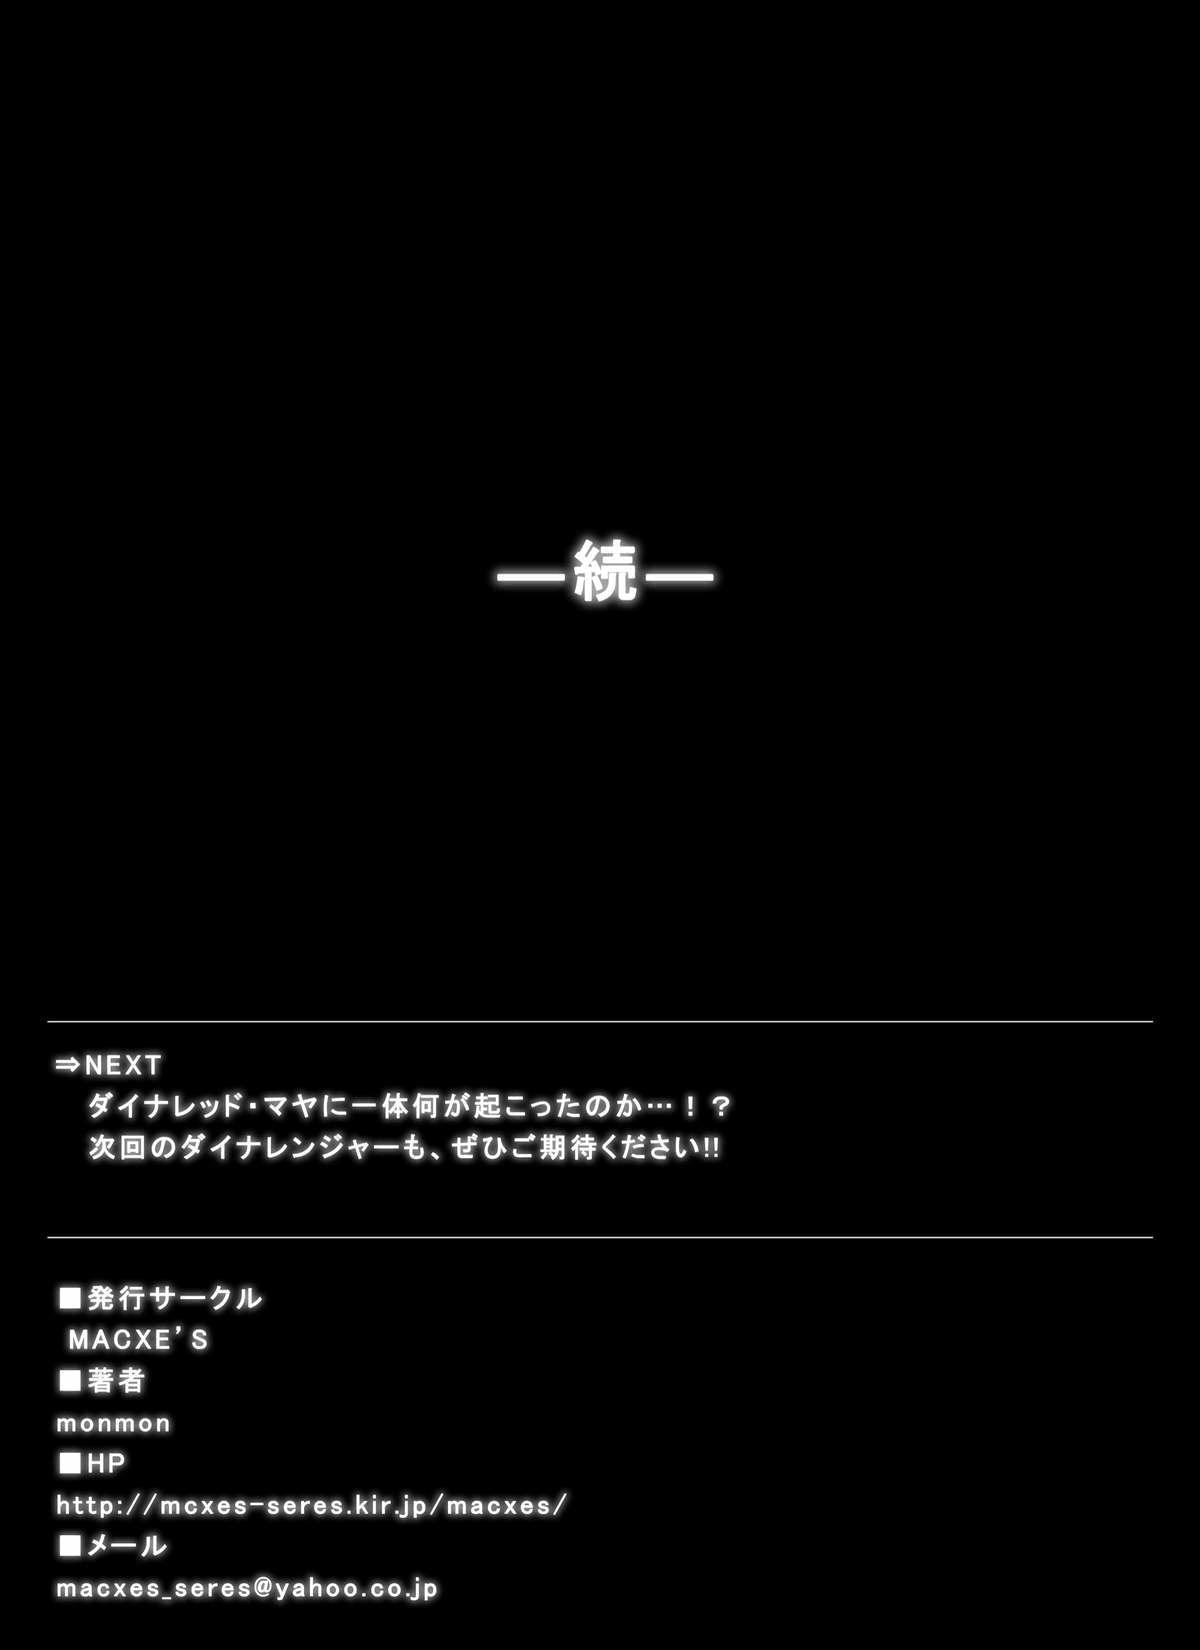 [Macxe's (monmon)] Tokubousentai Dinaranger ~Heroine Kairaku Sennou Keikaku~ Vol. 07/08/Gaiden01 [English] [SaHa] 61